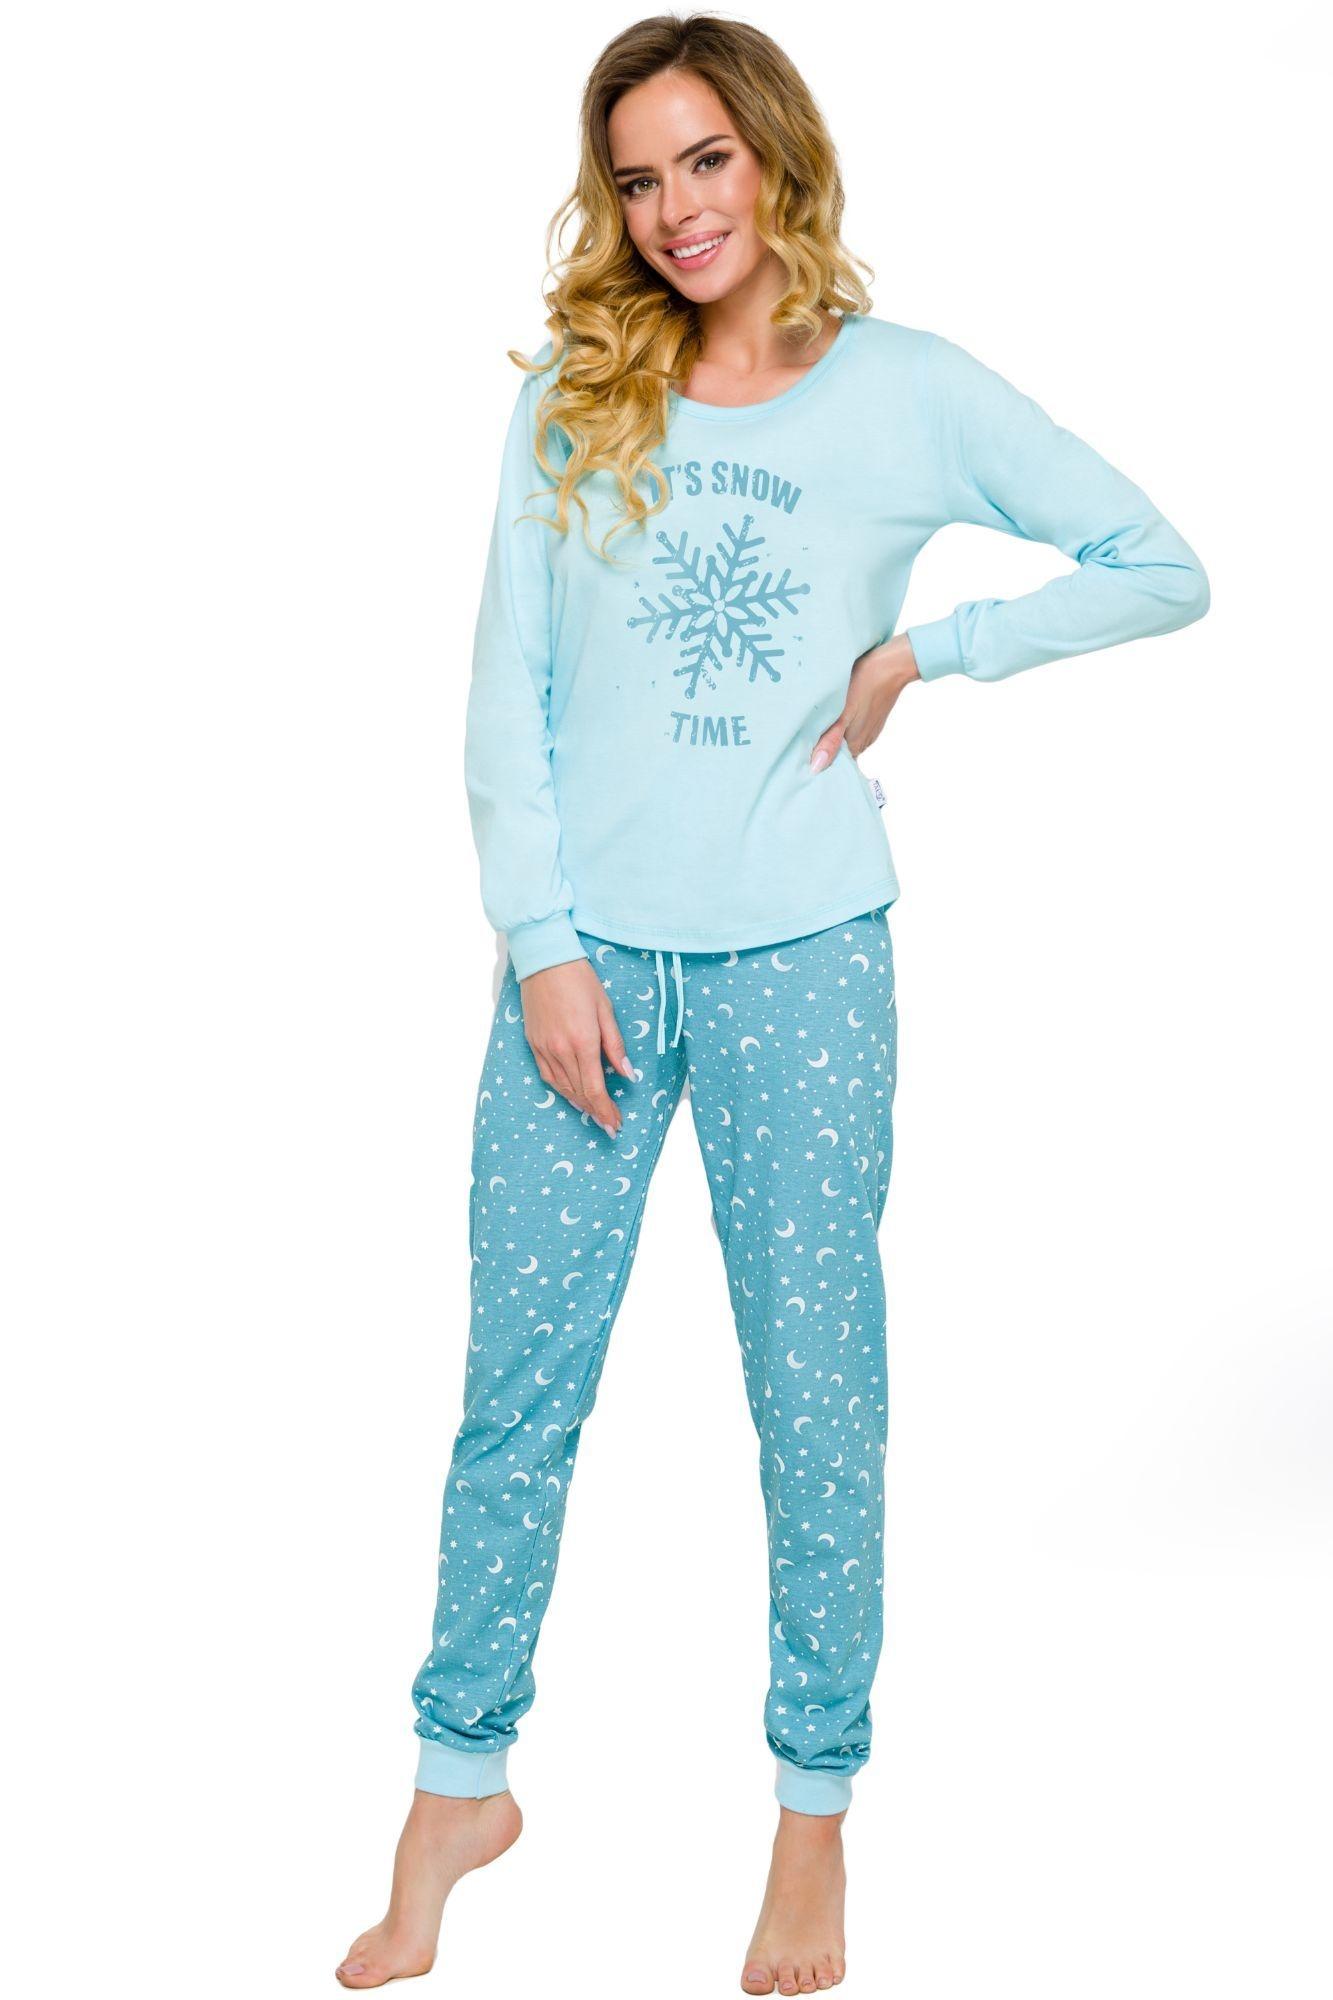 573a913557c1 Dámské bavlněné pyžamo Nora tyrkysové s potiskem a dlouhými rukávy